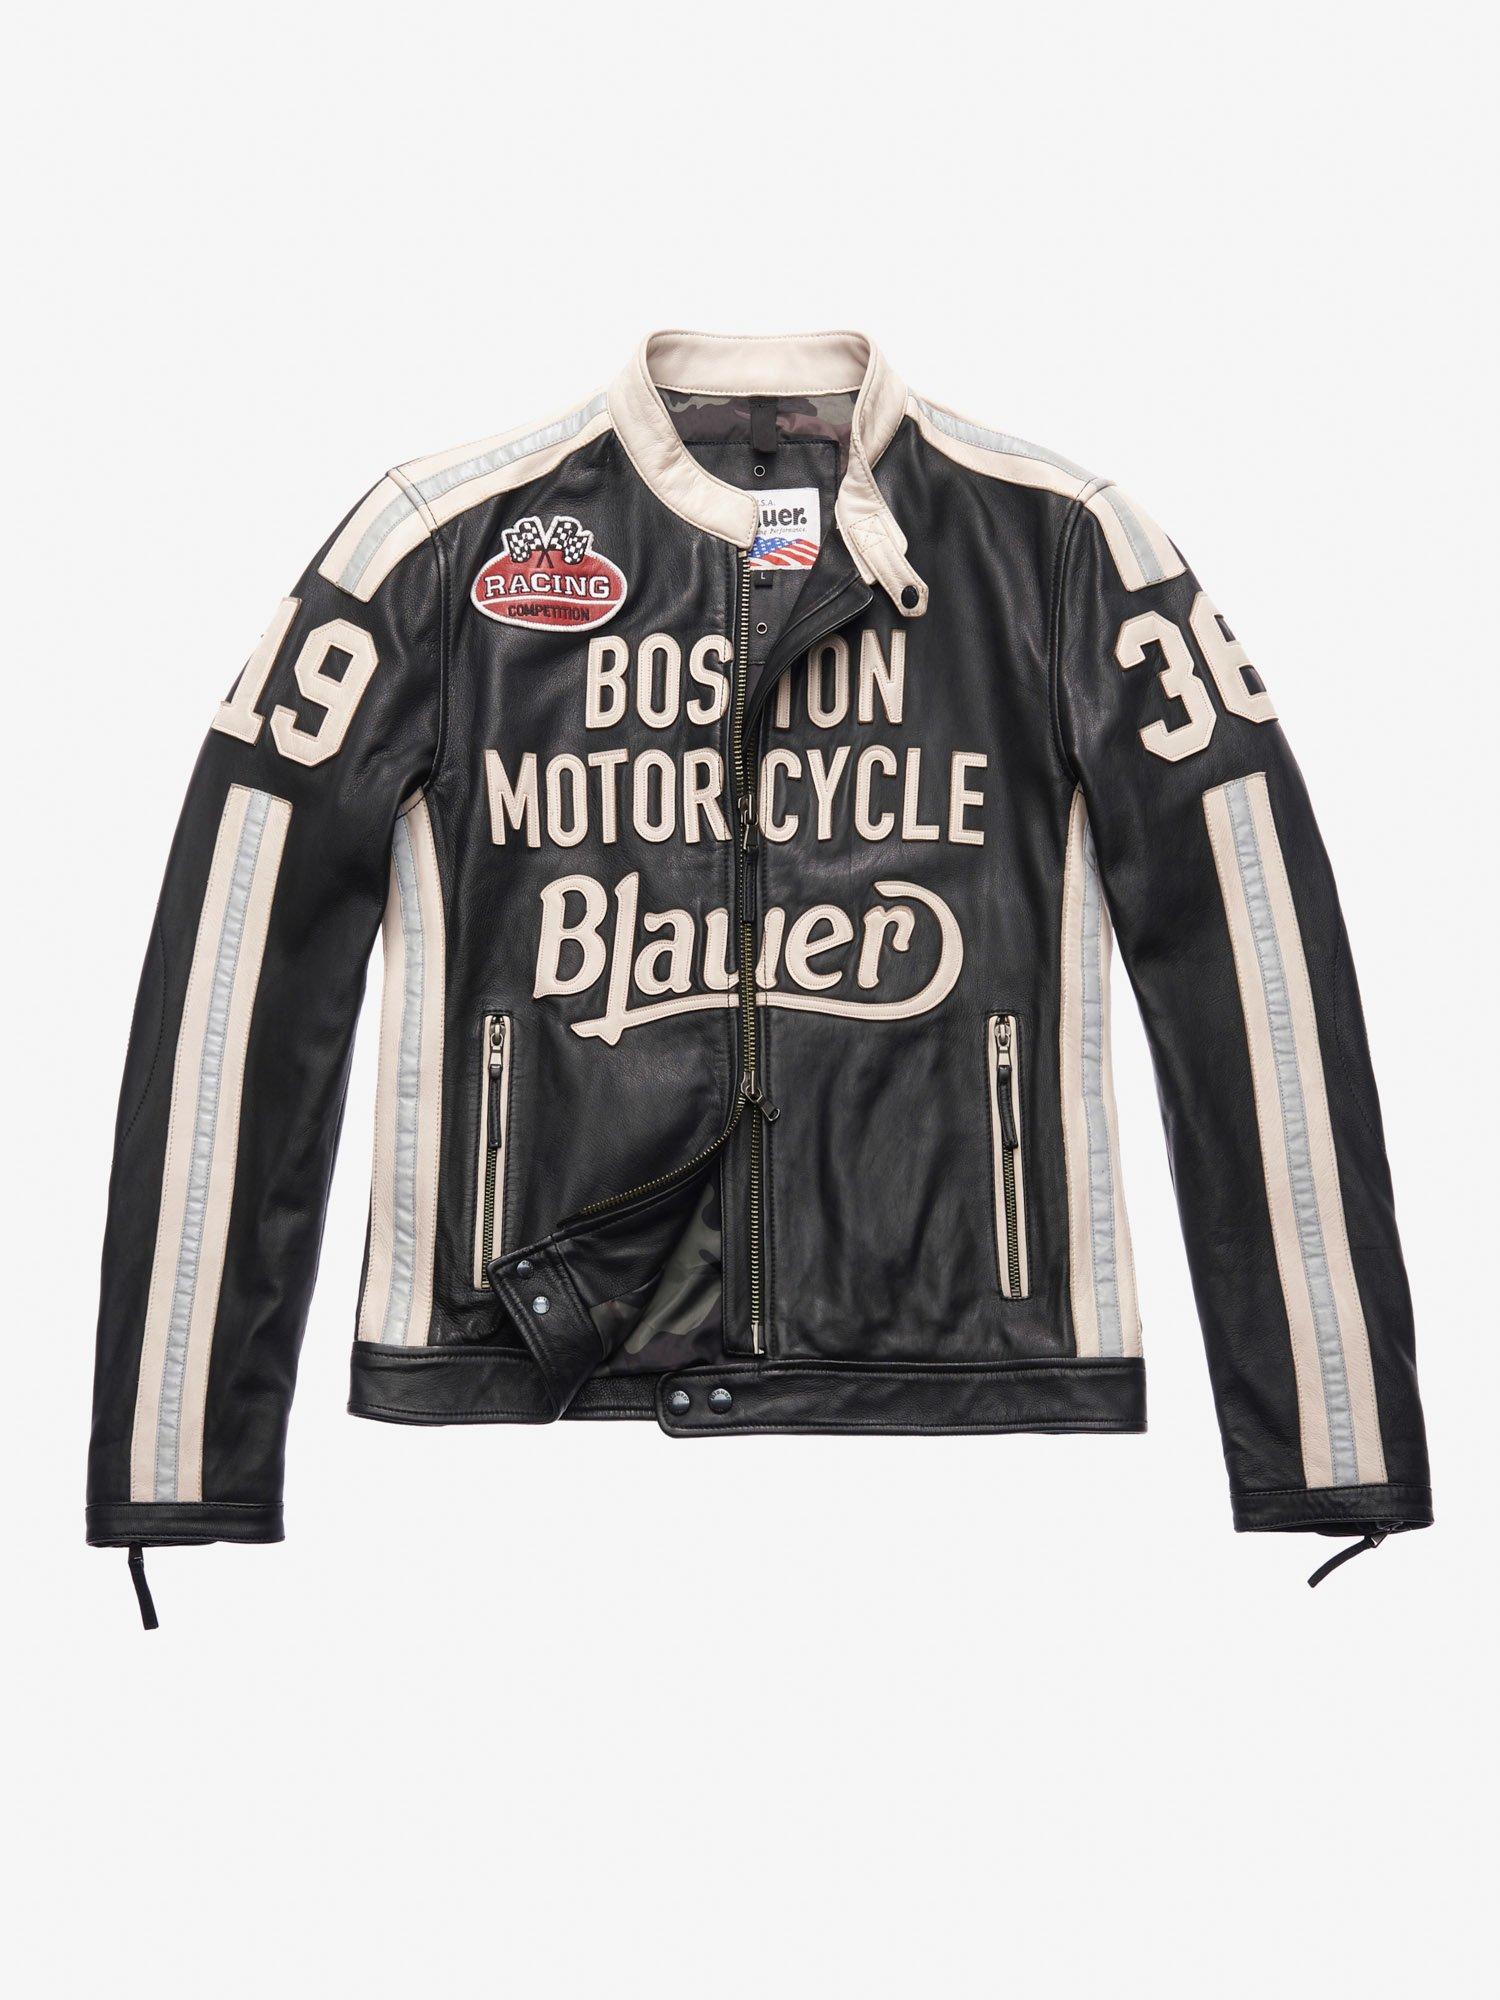 BIKER LEDERJACKE MOTORCYCLE THOMAS - Blauer